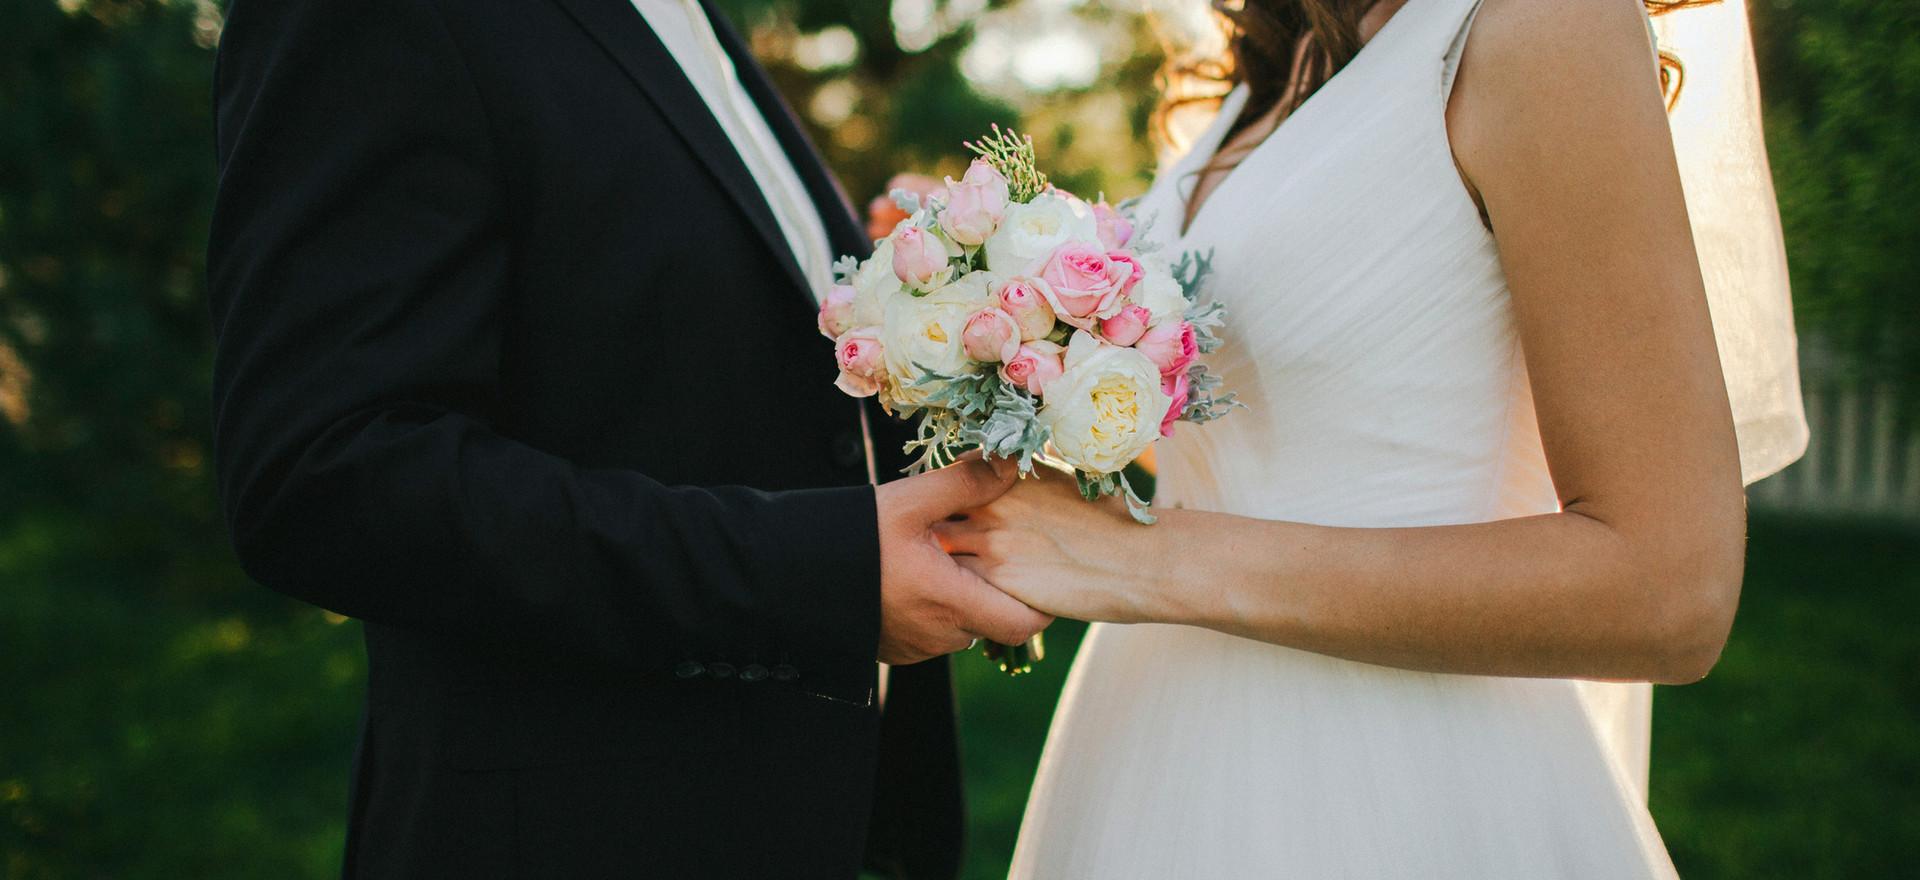 Wedding Bouquet | club nautico chia